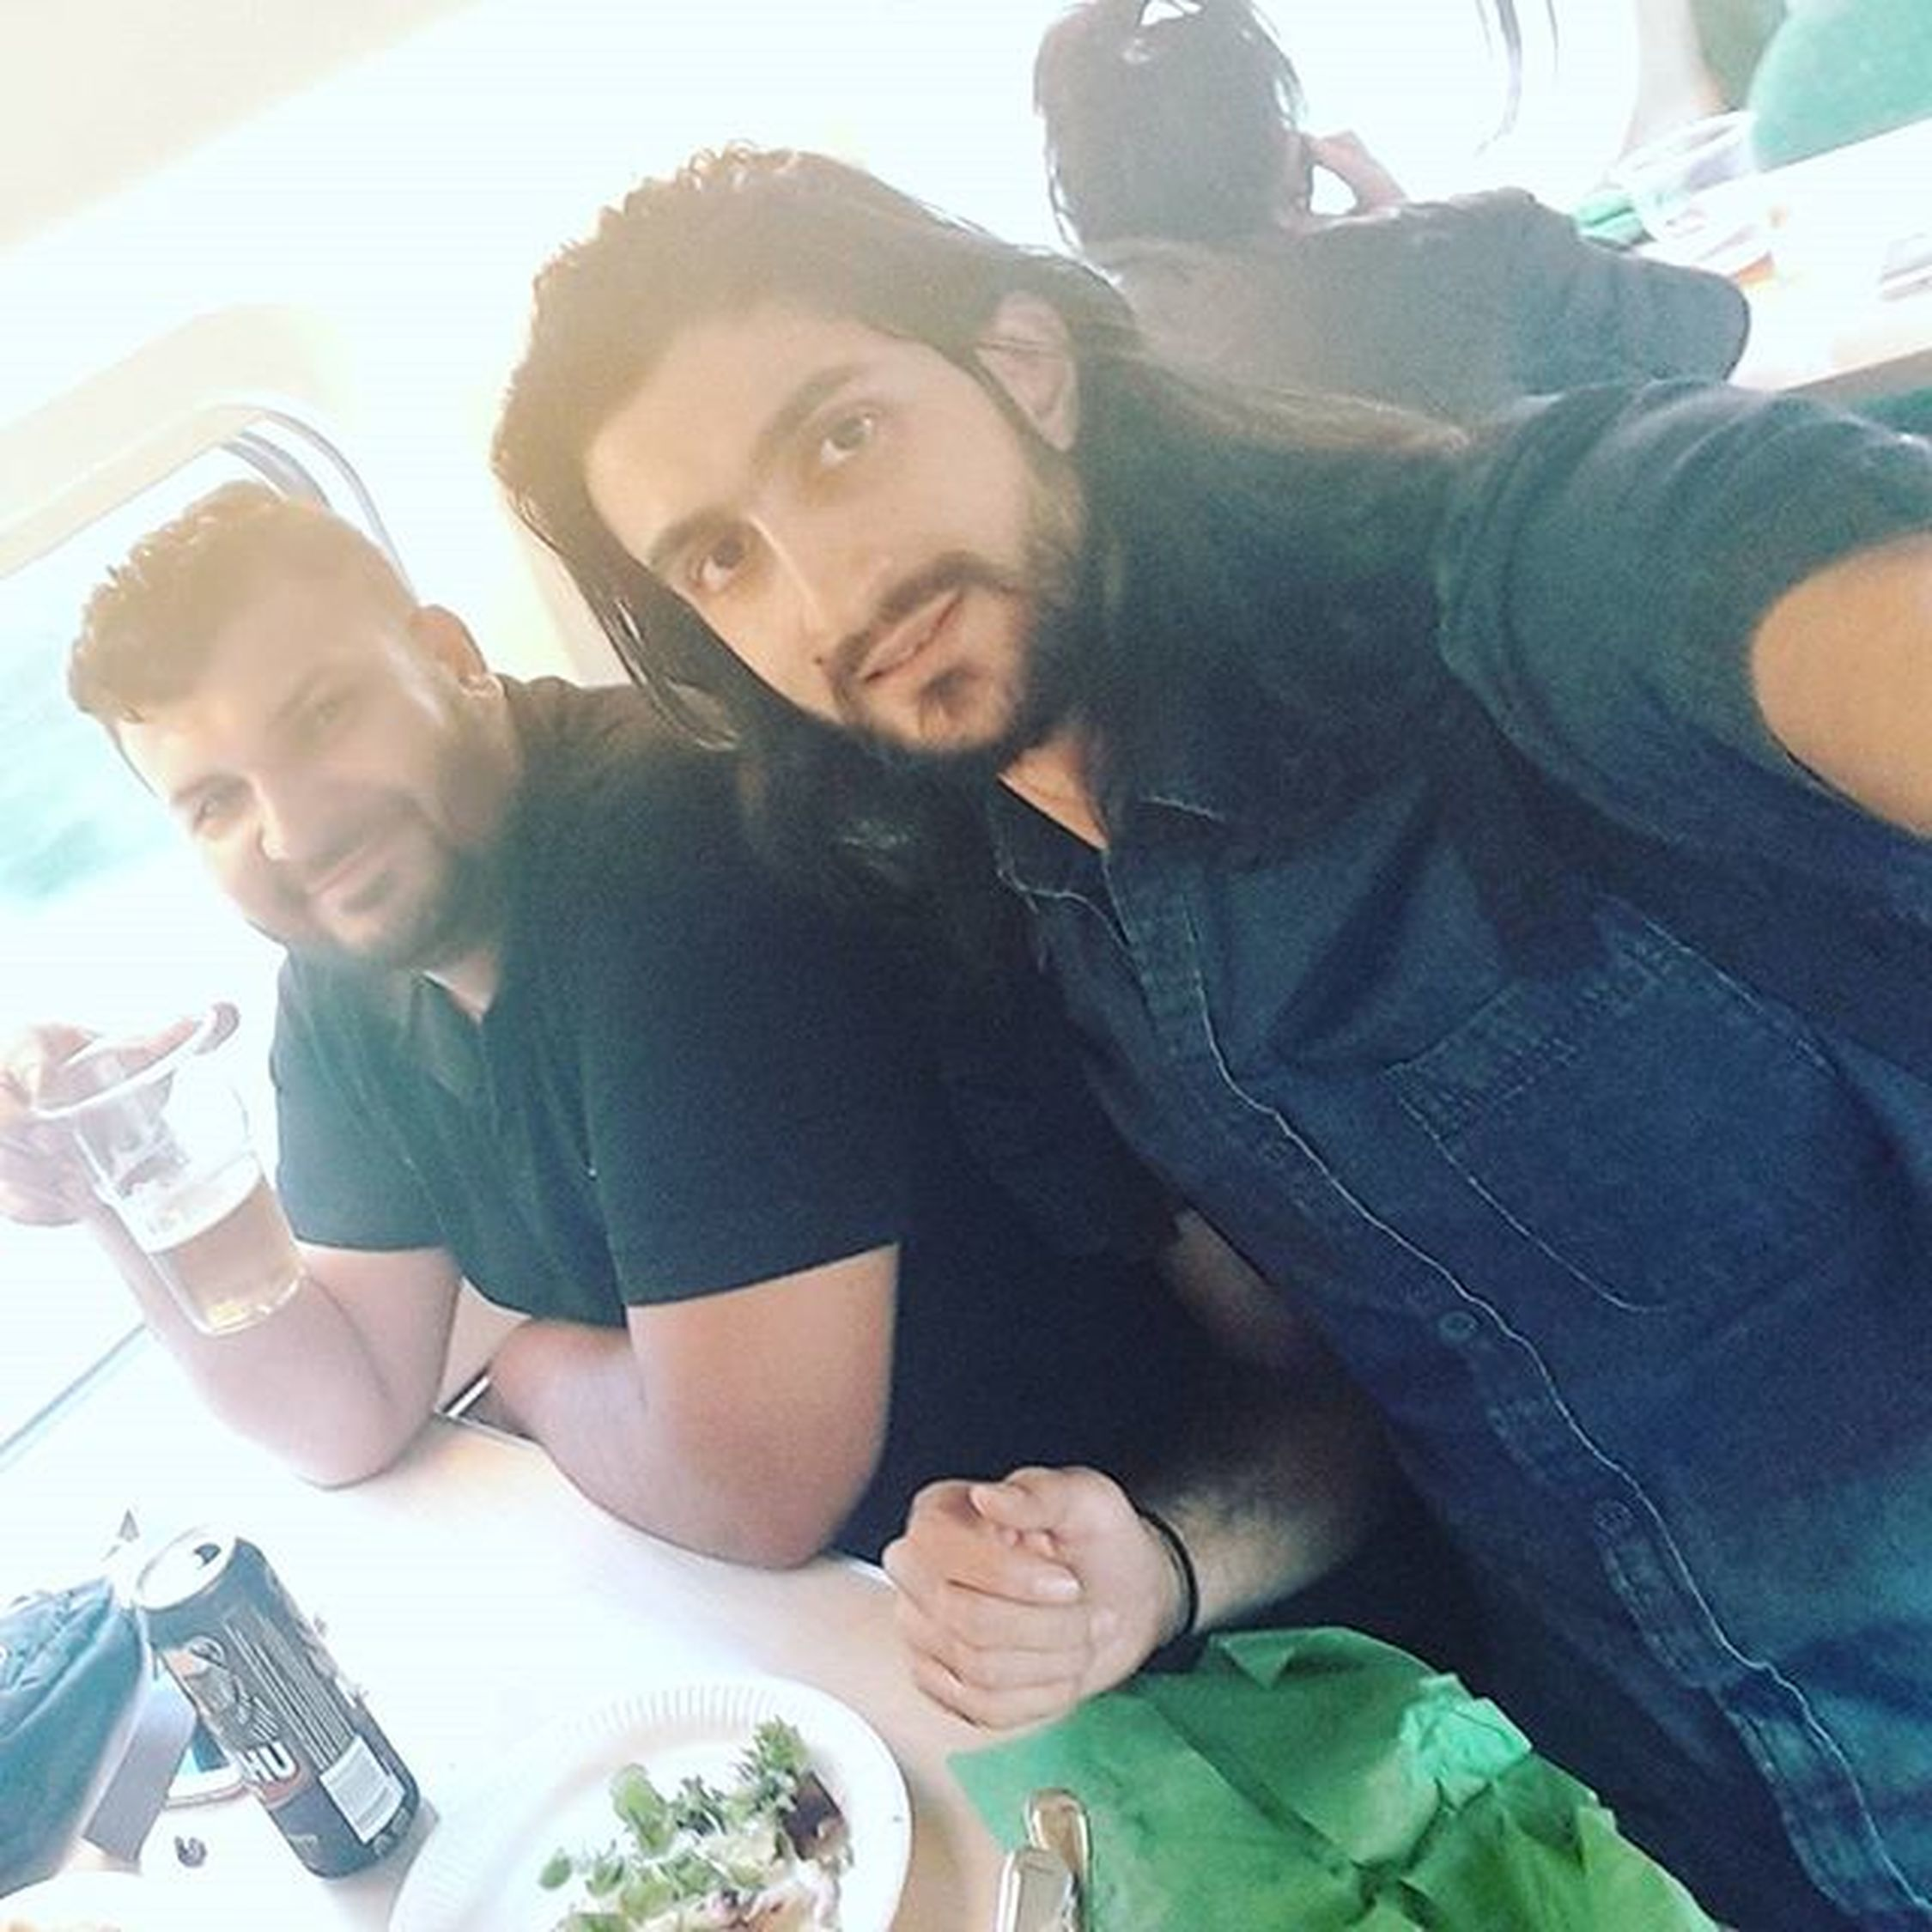 ود التميمي مشتاقلك اخوي )): الله يجعلك بخير و سلامة حبيبي .... Friends ^^ Filand Finland ^^ Train ** Happy Guys Throwback Travel Lunch ....